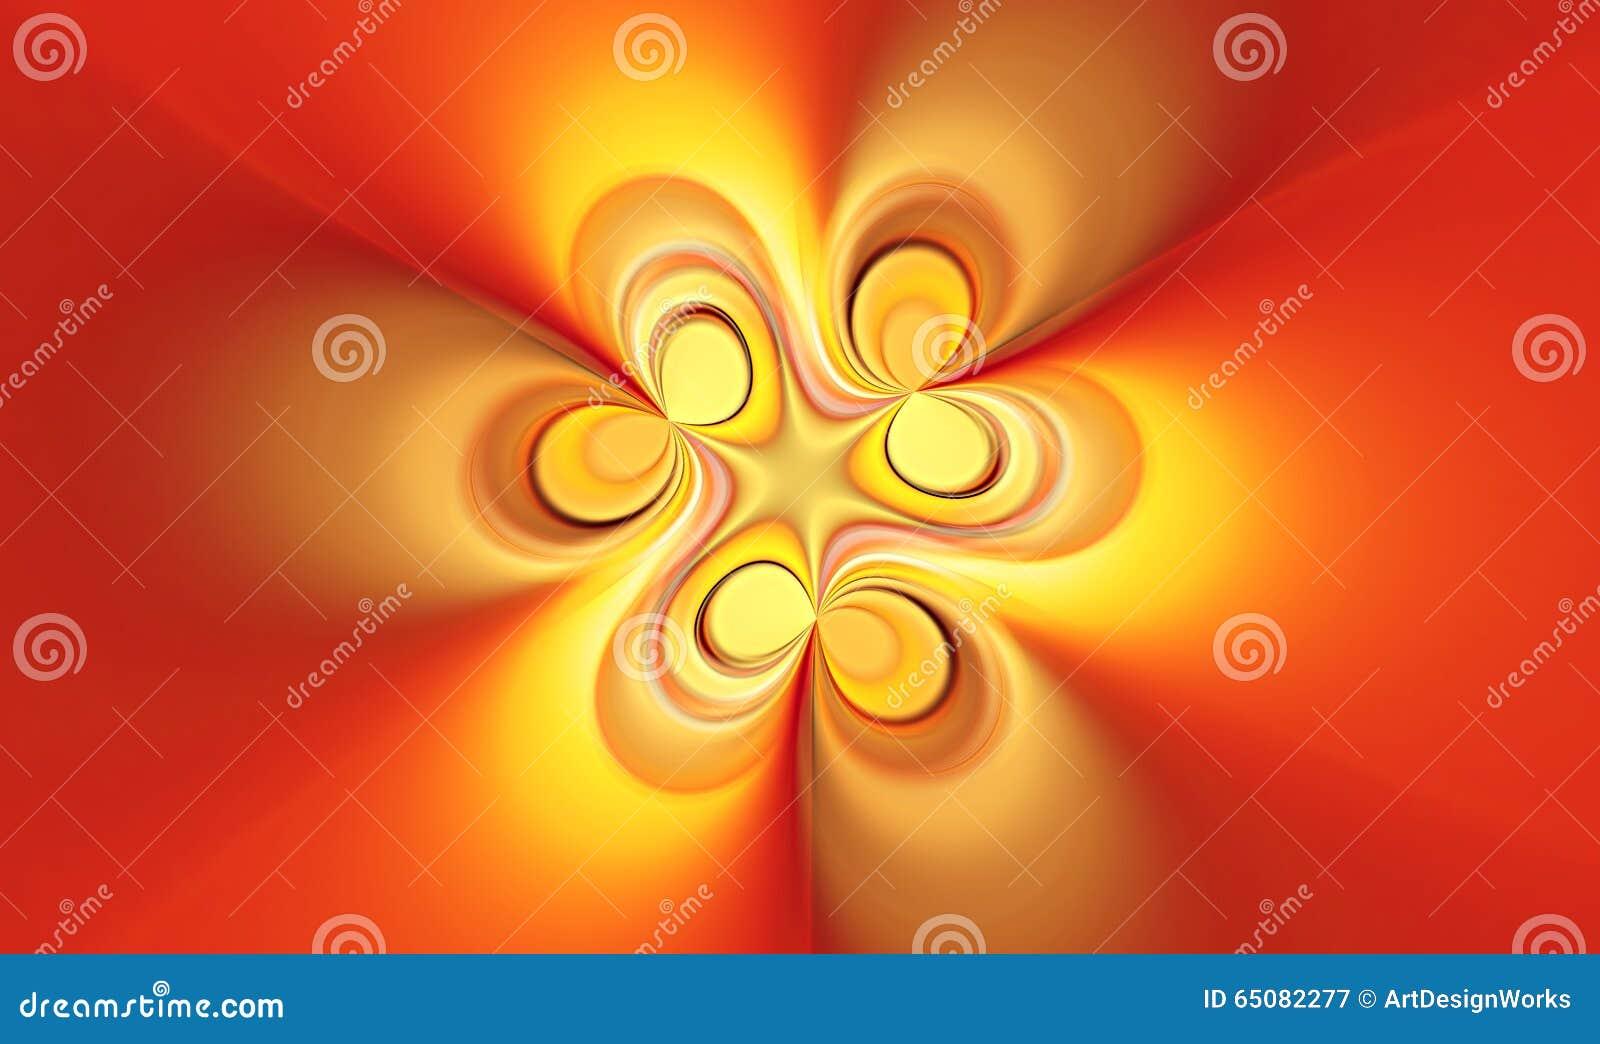 Fractal soul flame